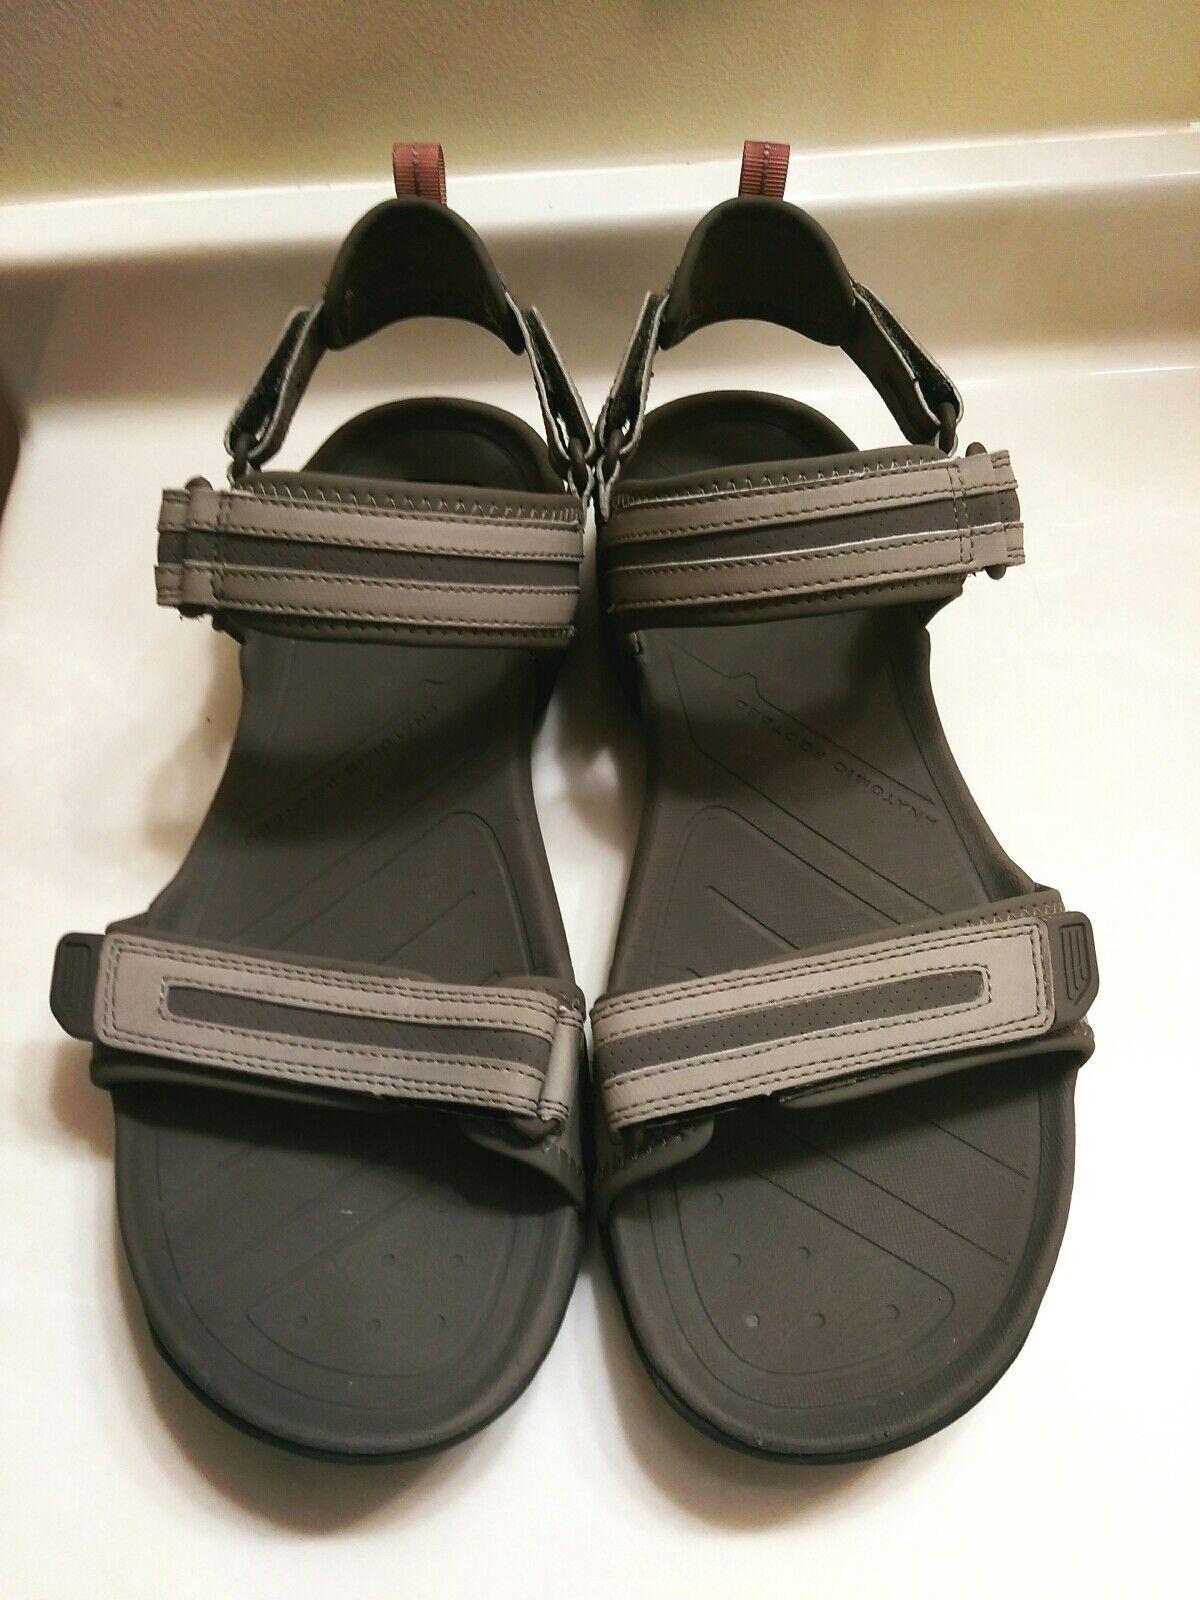 73c87d32b16e3 ... Teva NS 1002341Sandals Gray Leather Shoes Men s Size Size Size 13 EC  0798b9 ...